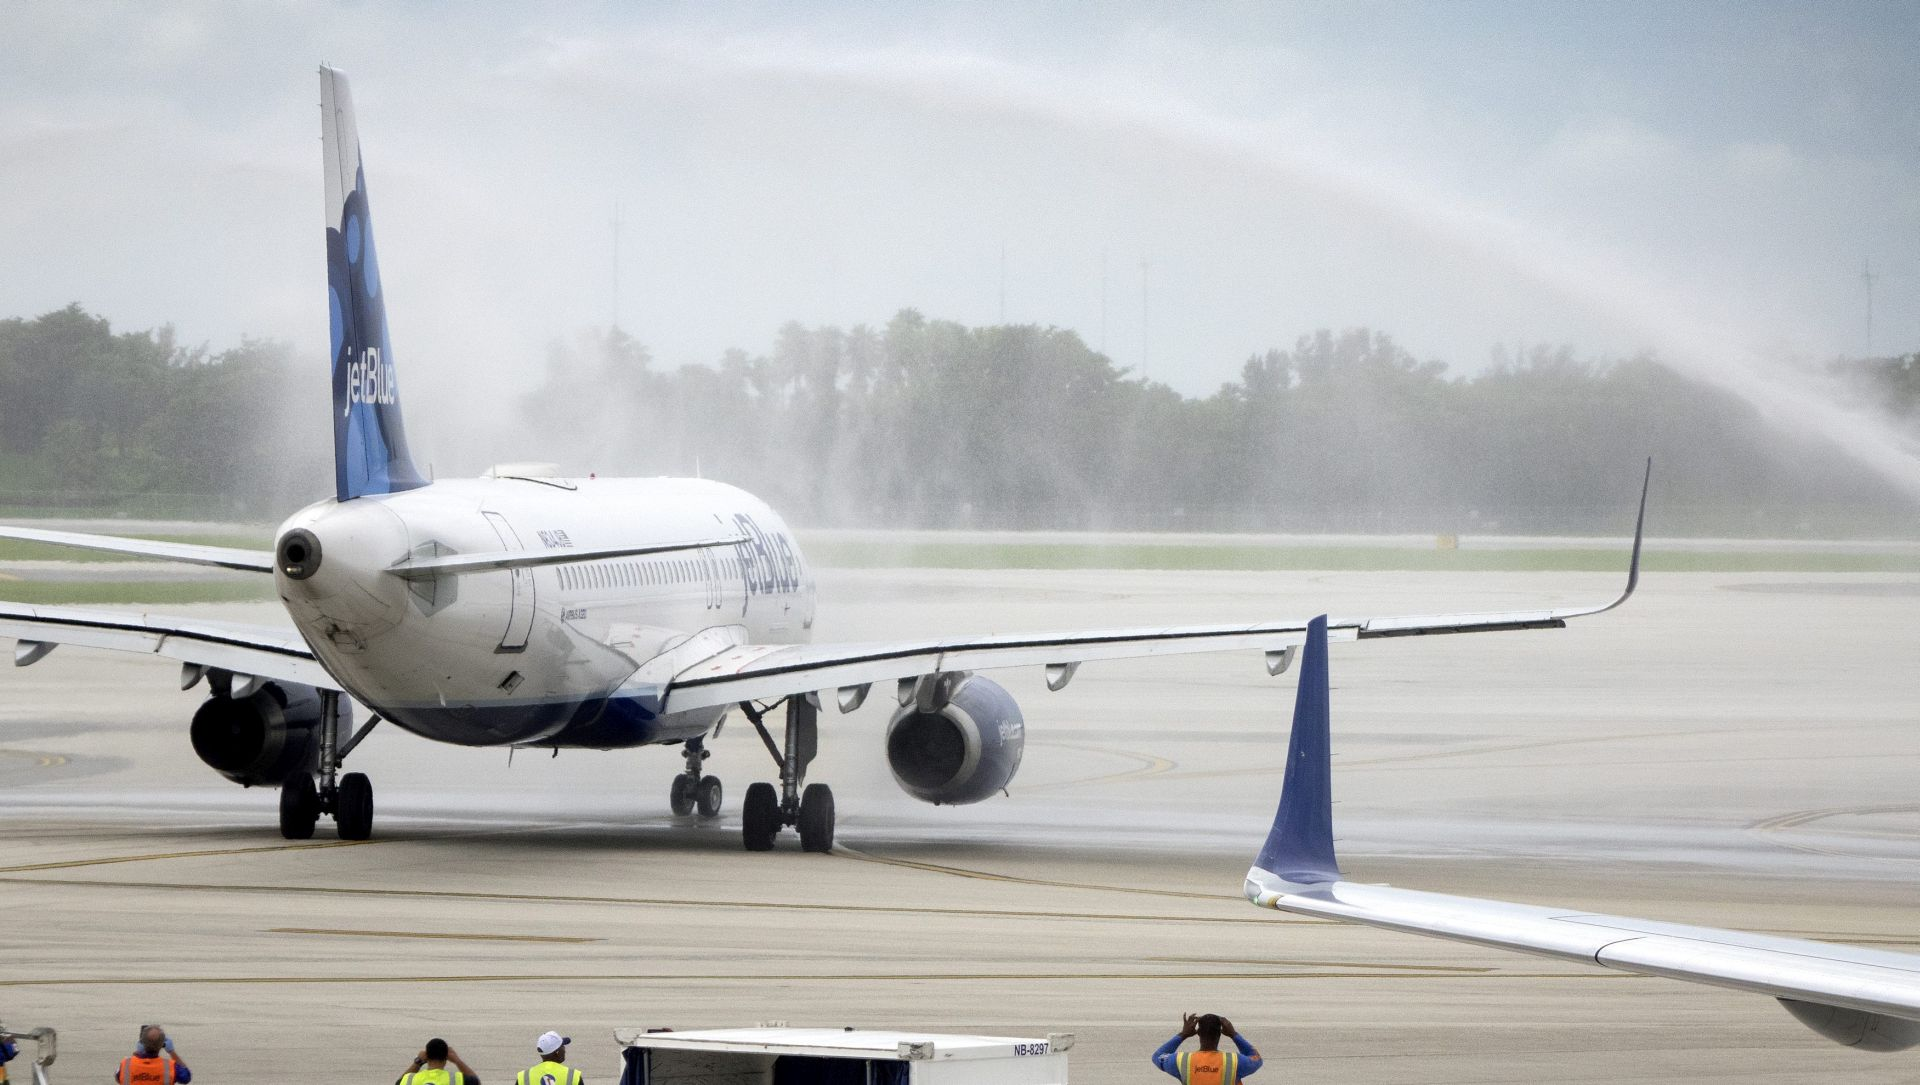 POVIJESNI LET Poletio prvi komercijalni let iz SAD-a prema Kubi, nakon više od 50 godina